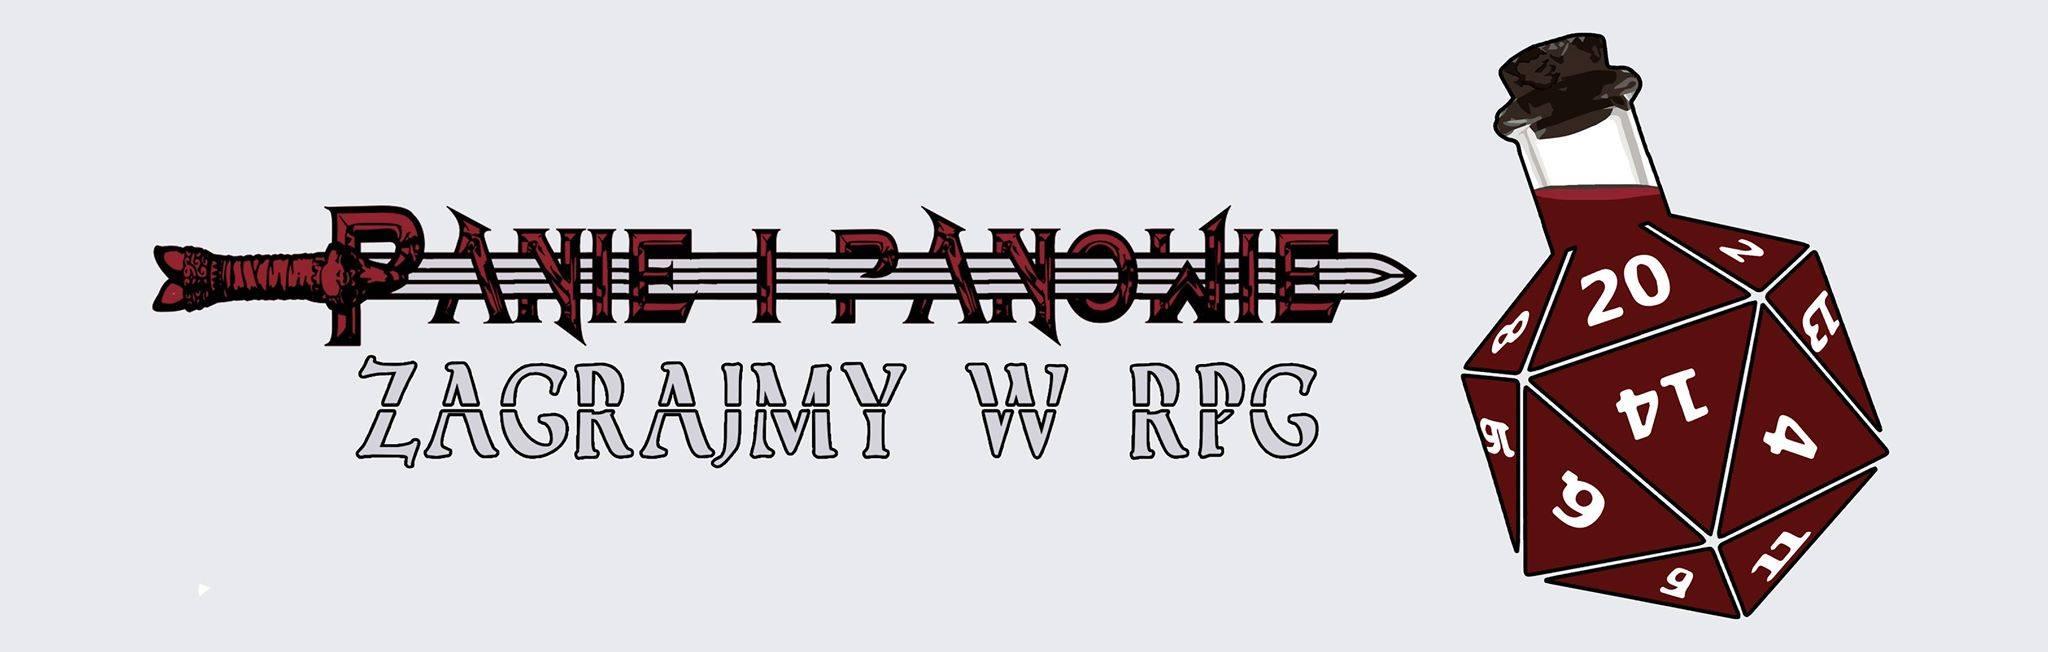 Panie i Panowie, zagrajmy w RPG